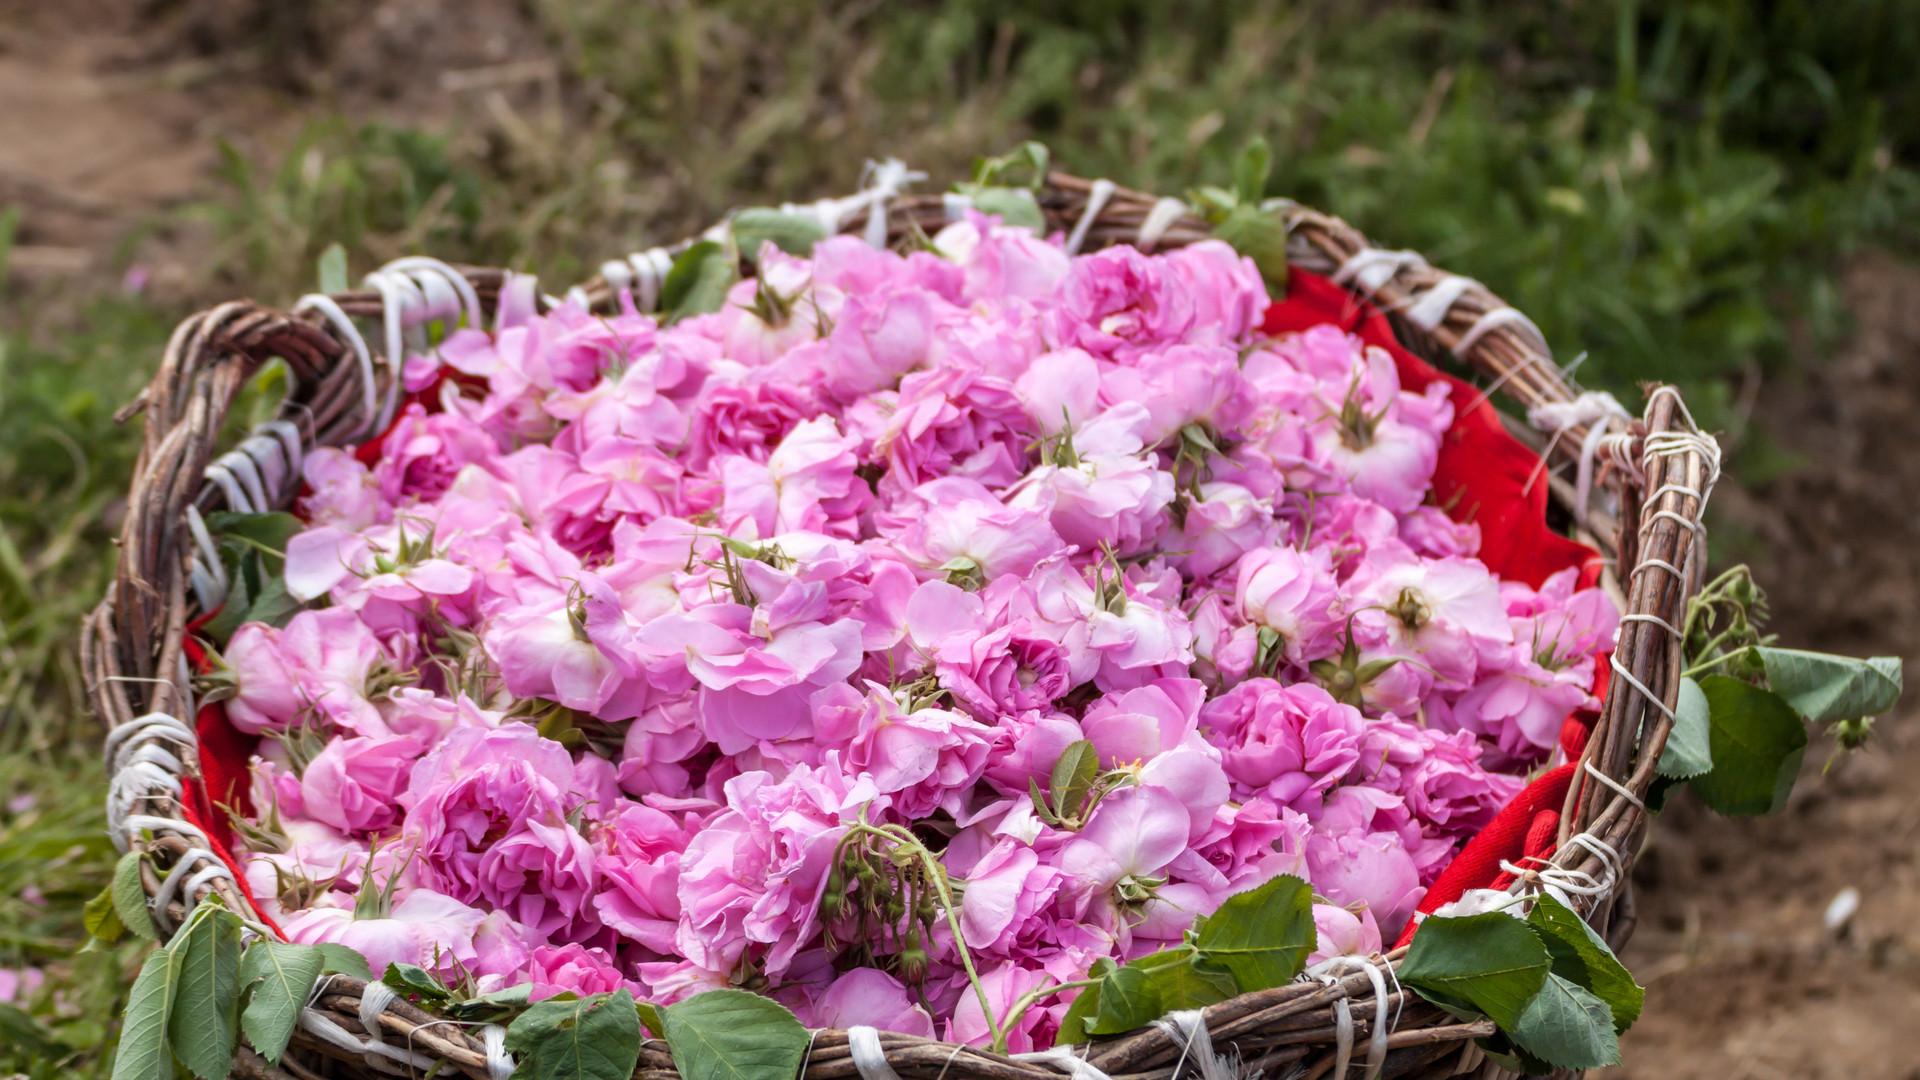 Bushel of Bulgarian Rose